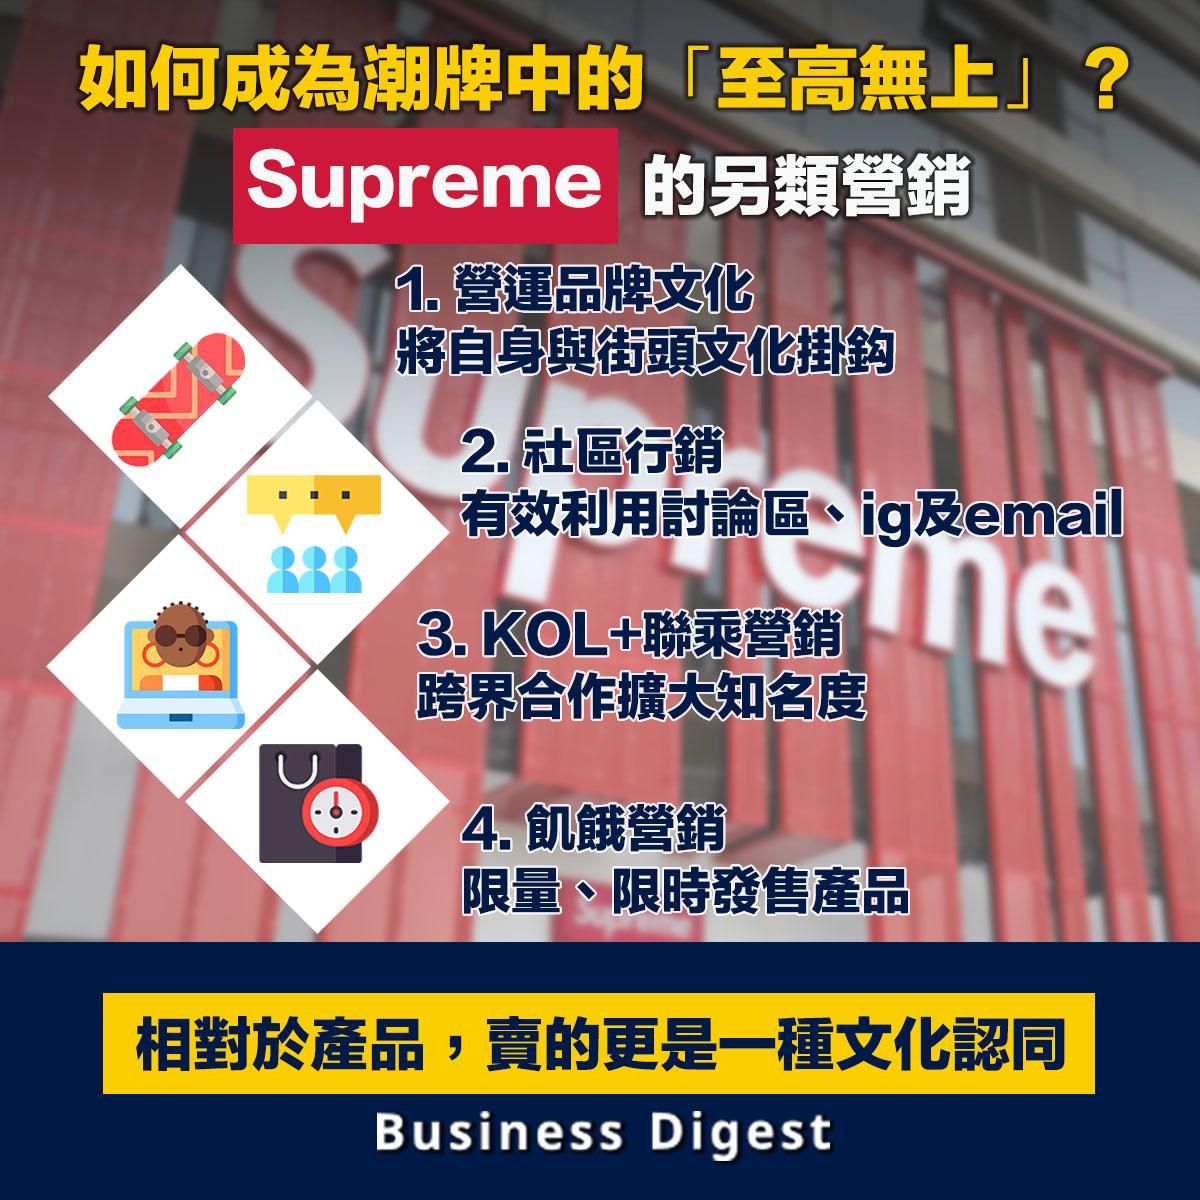 Supreme由一間美國小眾品牌,發展到現在的「潮流教主」,它究竟是如何做到?